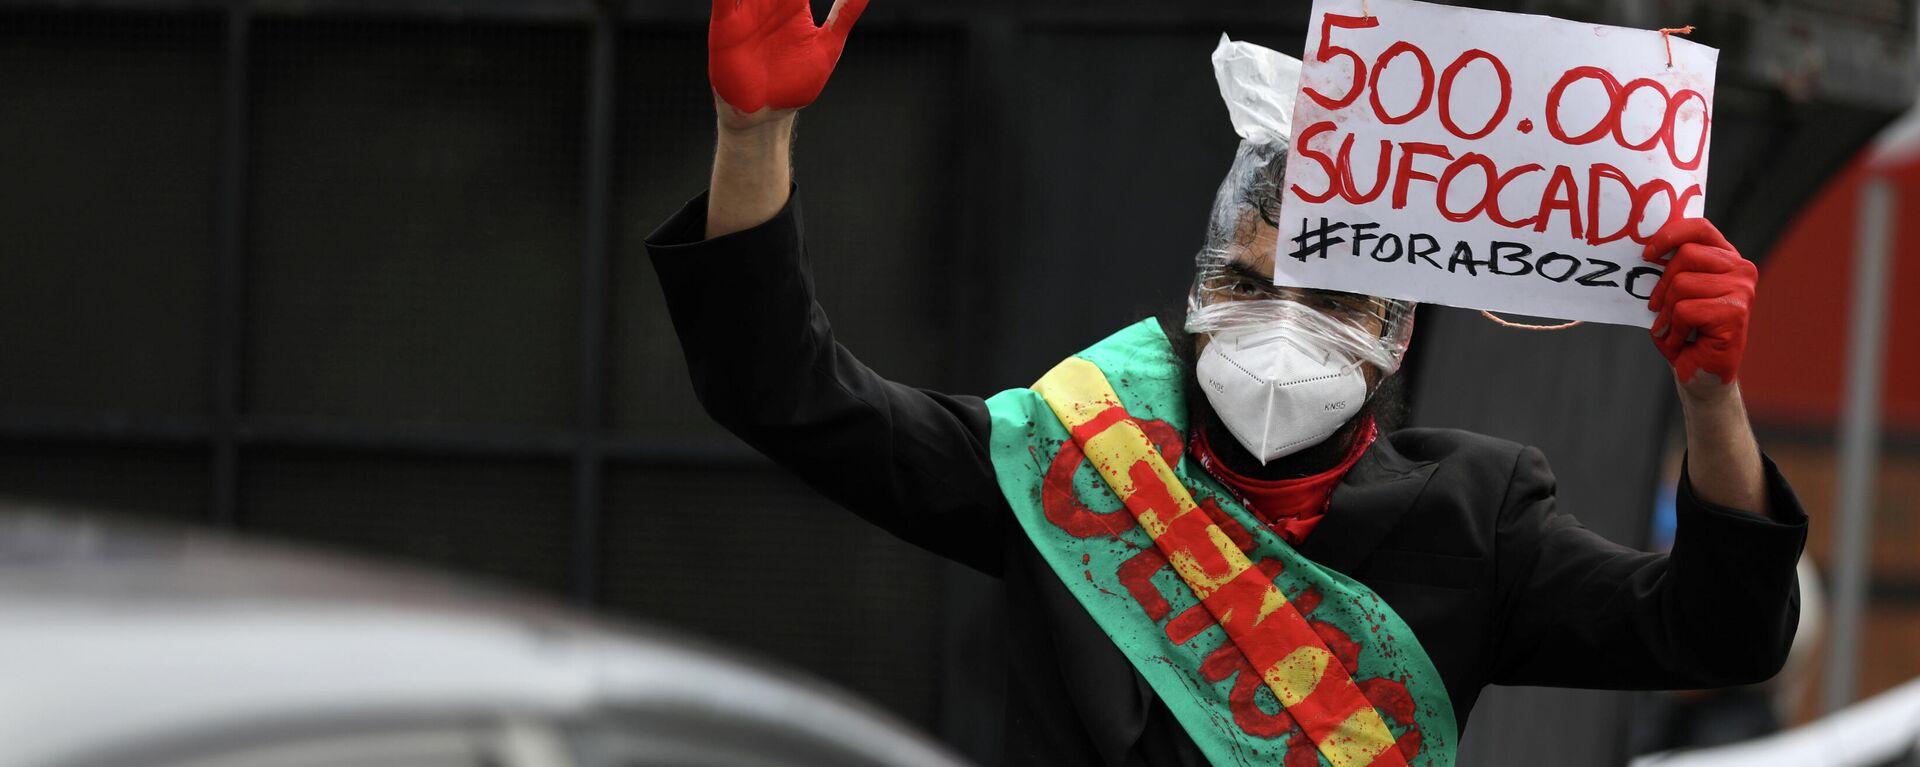 Protestas contra el presidente de Brasil, Jair Bolsonaro - Sputnik Mundo, 1920, 23.06.2021